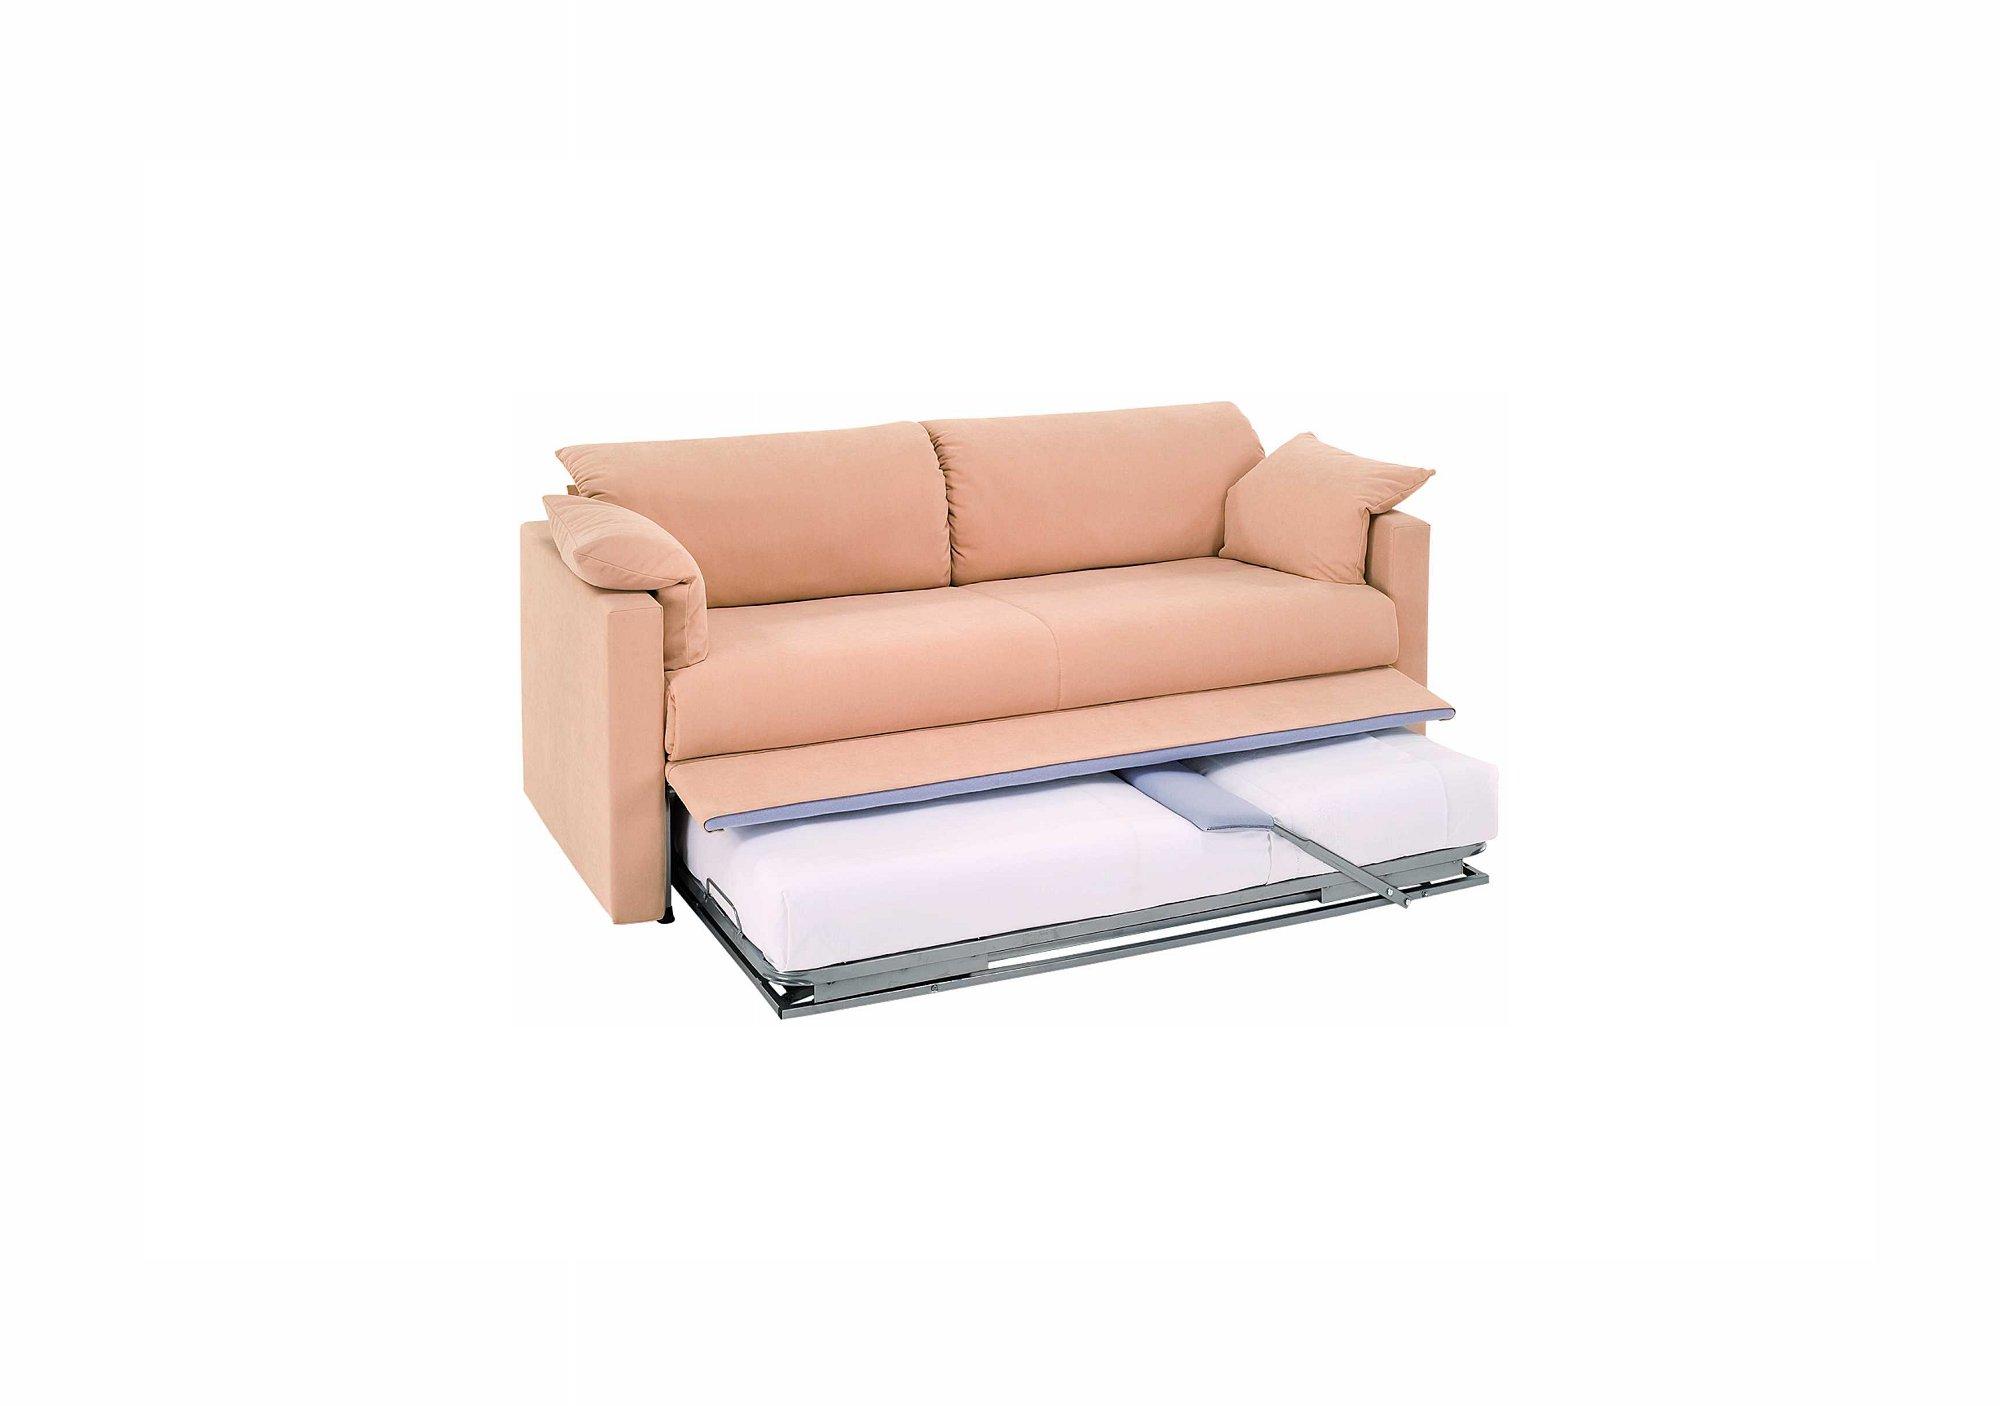 Divani letto estraibili divani doppio letto letti for Materassi economici mondo convenienza